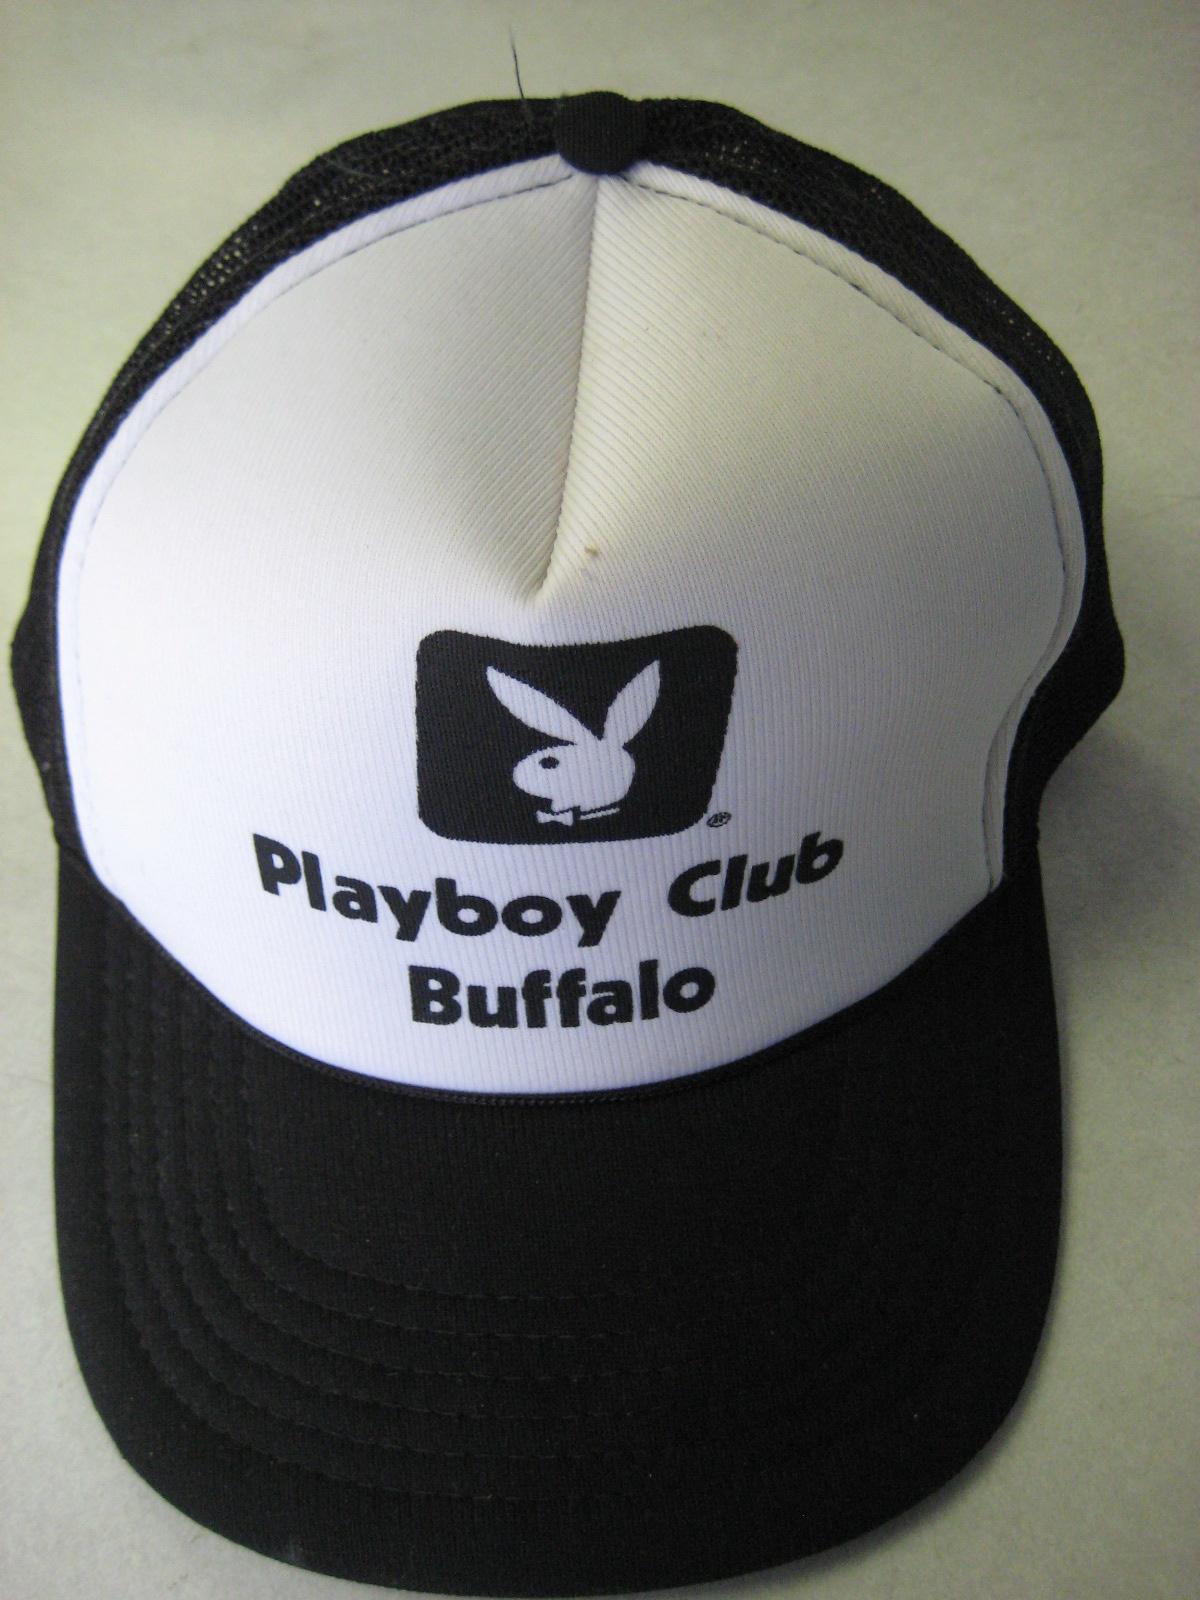 Playboy Club Buffalo Hat Cap